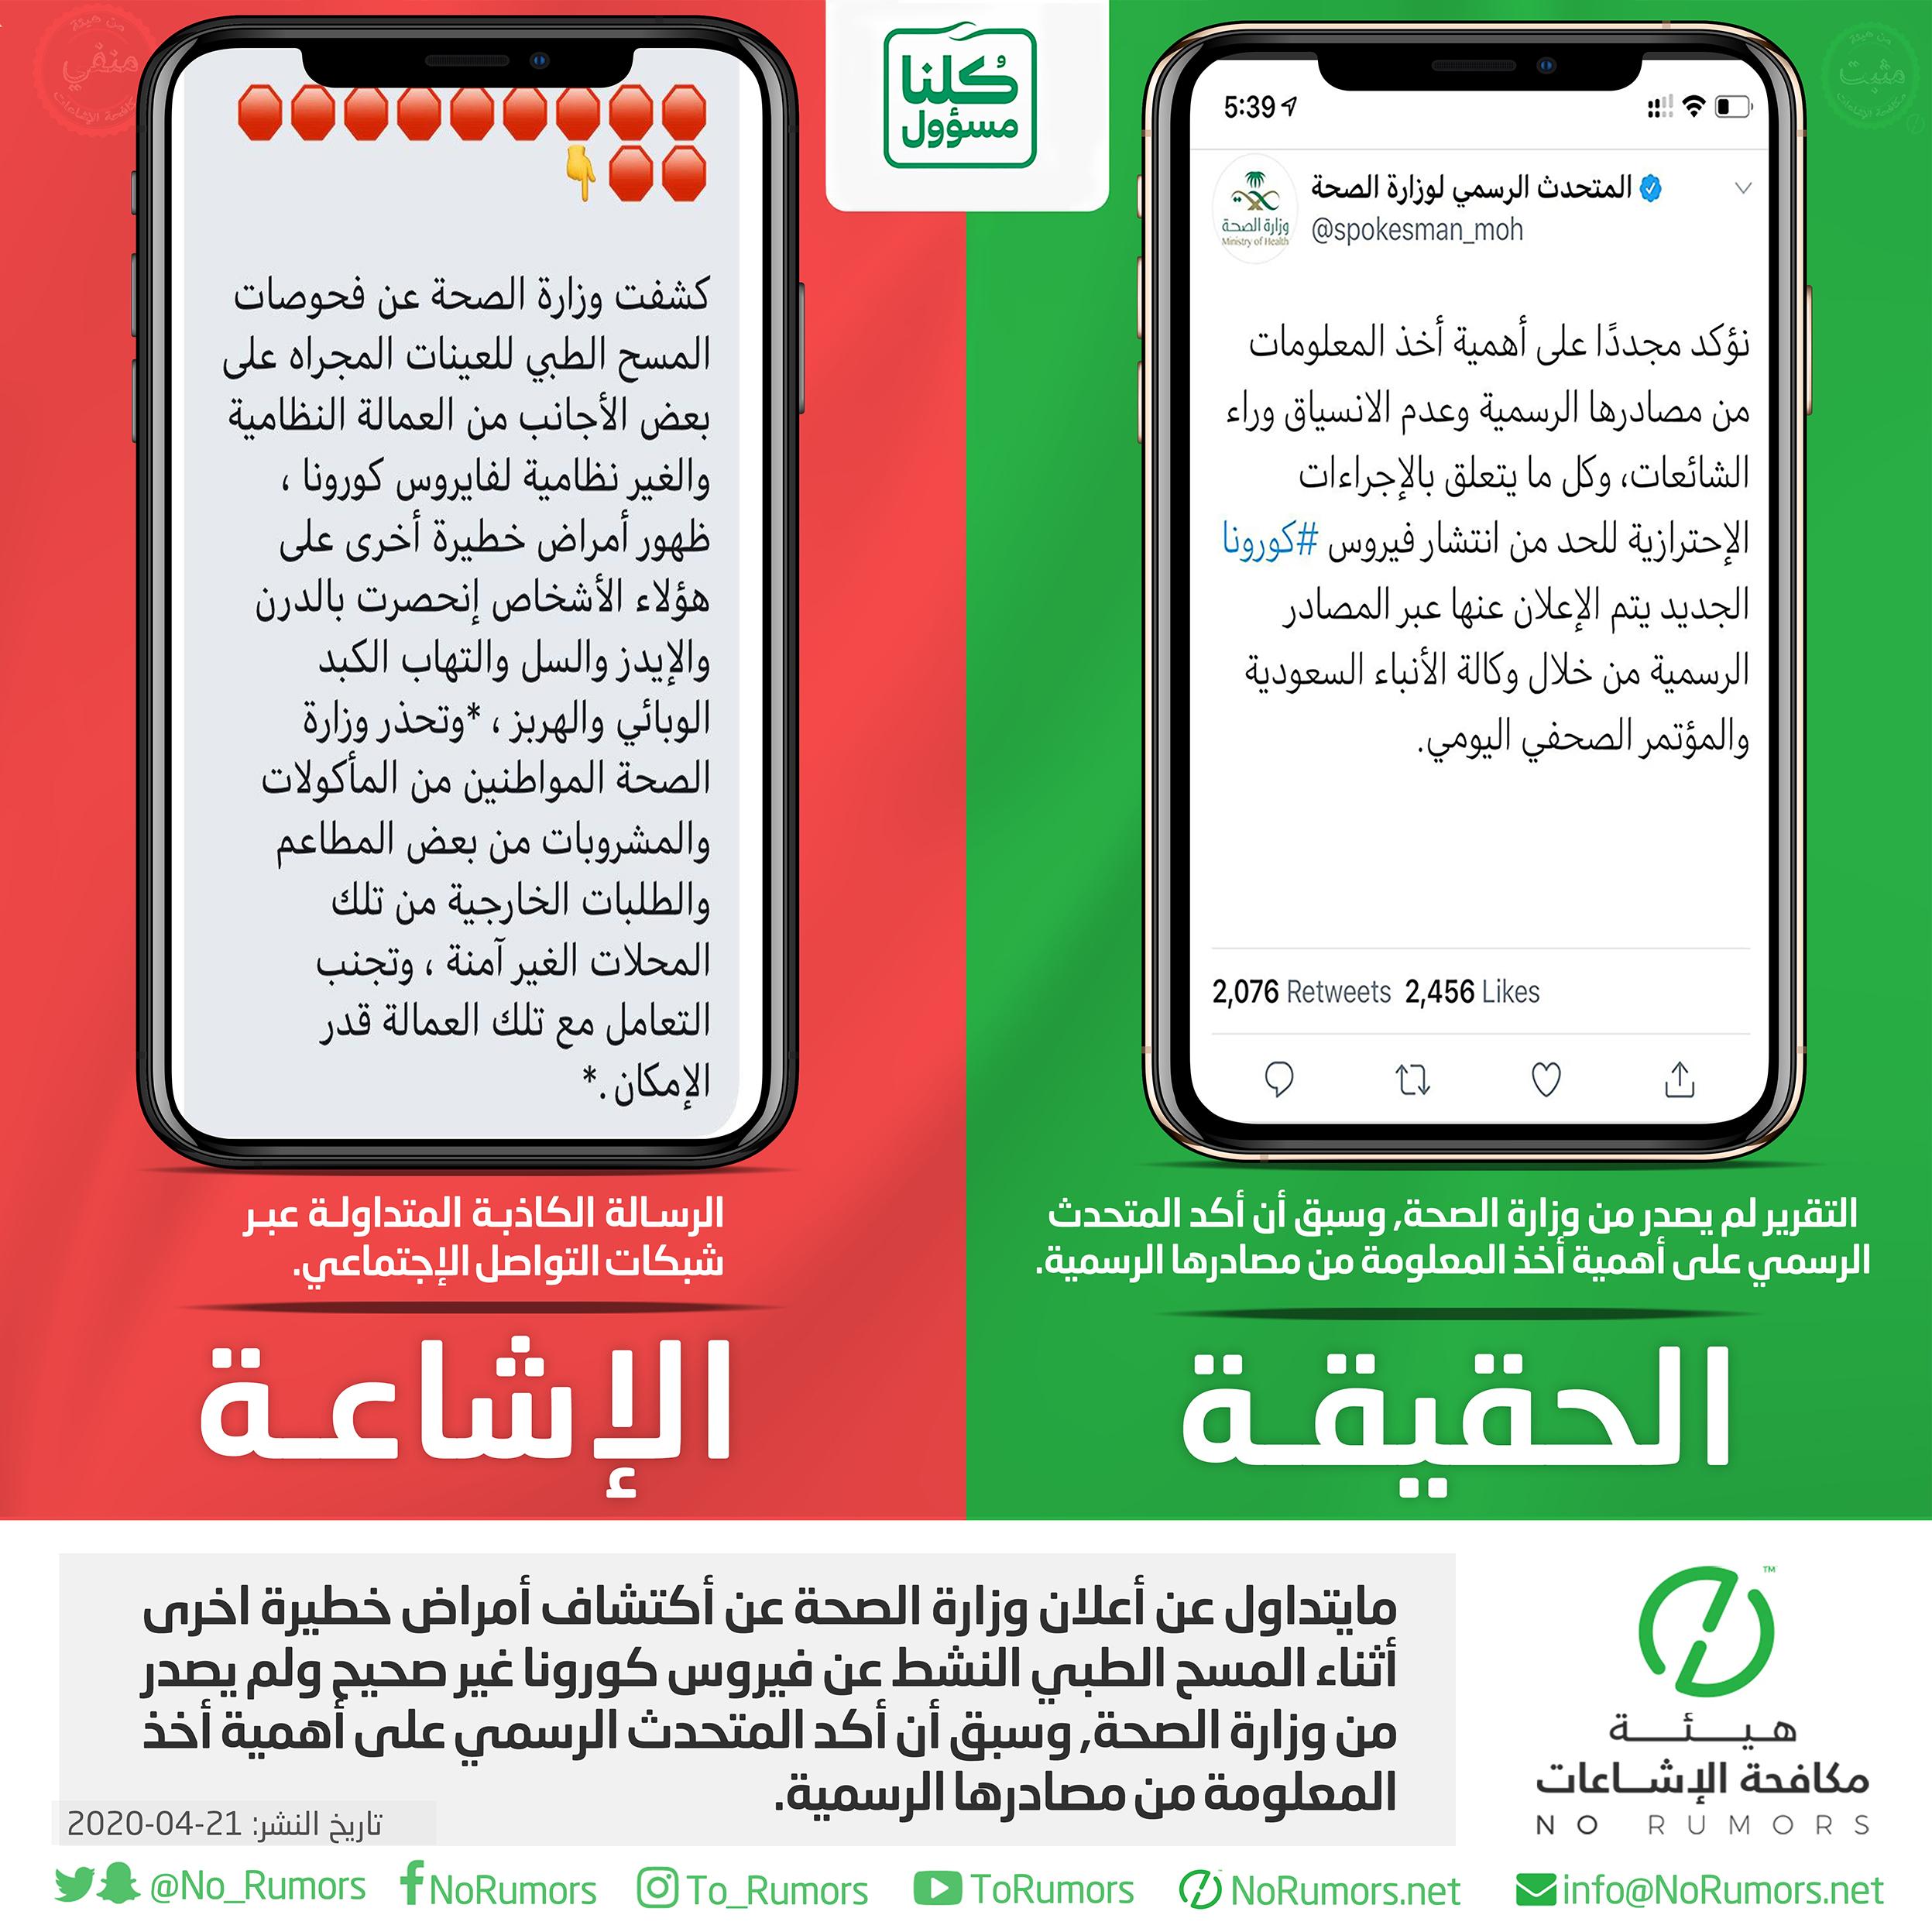 حقيقة مايتداول عن إعلان وزارة الصحة السعودية عن إكتشاف أمراض خطيرة أخرى أثناء المسح الطبي النشط لفيروس كورونا